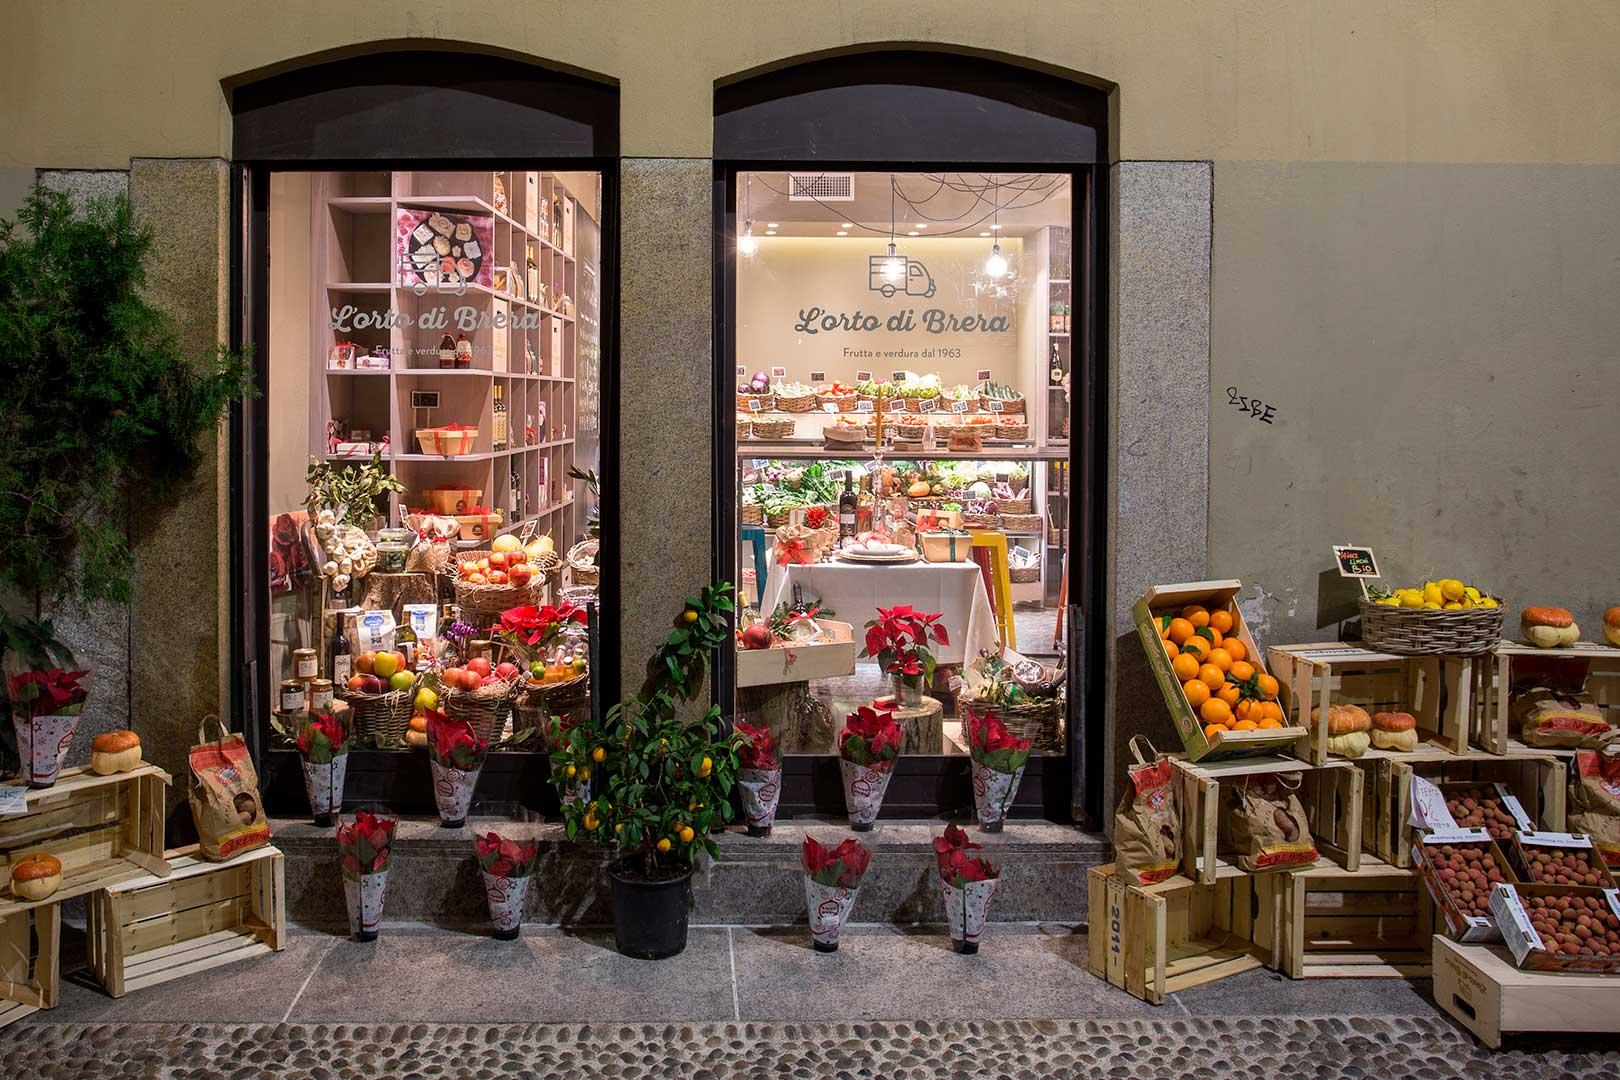 L'orto di Brera - Milano